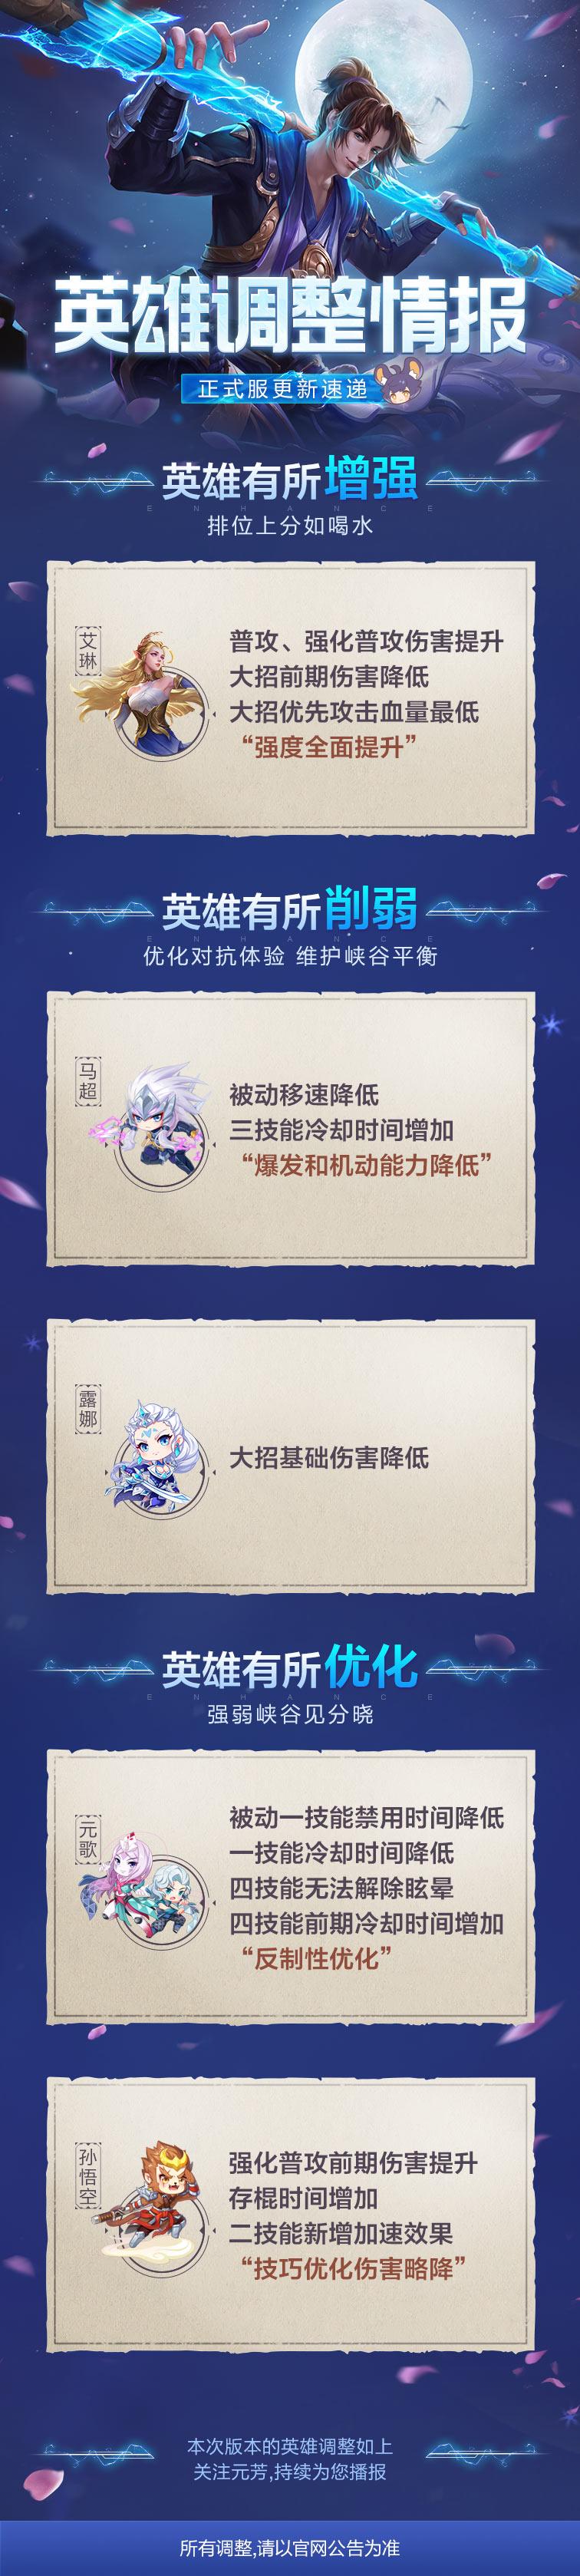 英雄调整情报丨艾琳增强,孙悟空优化